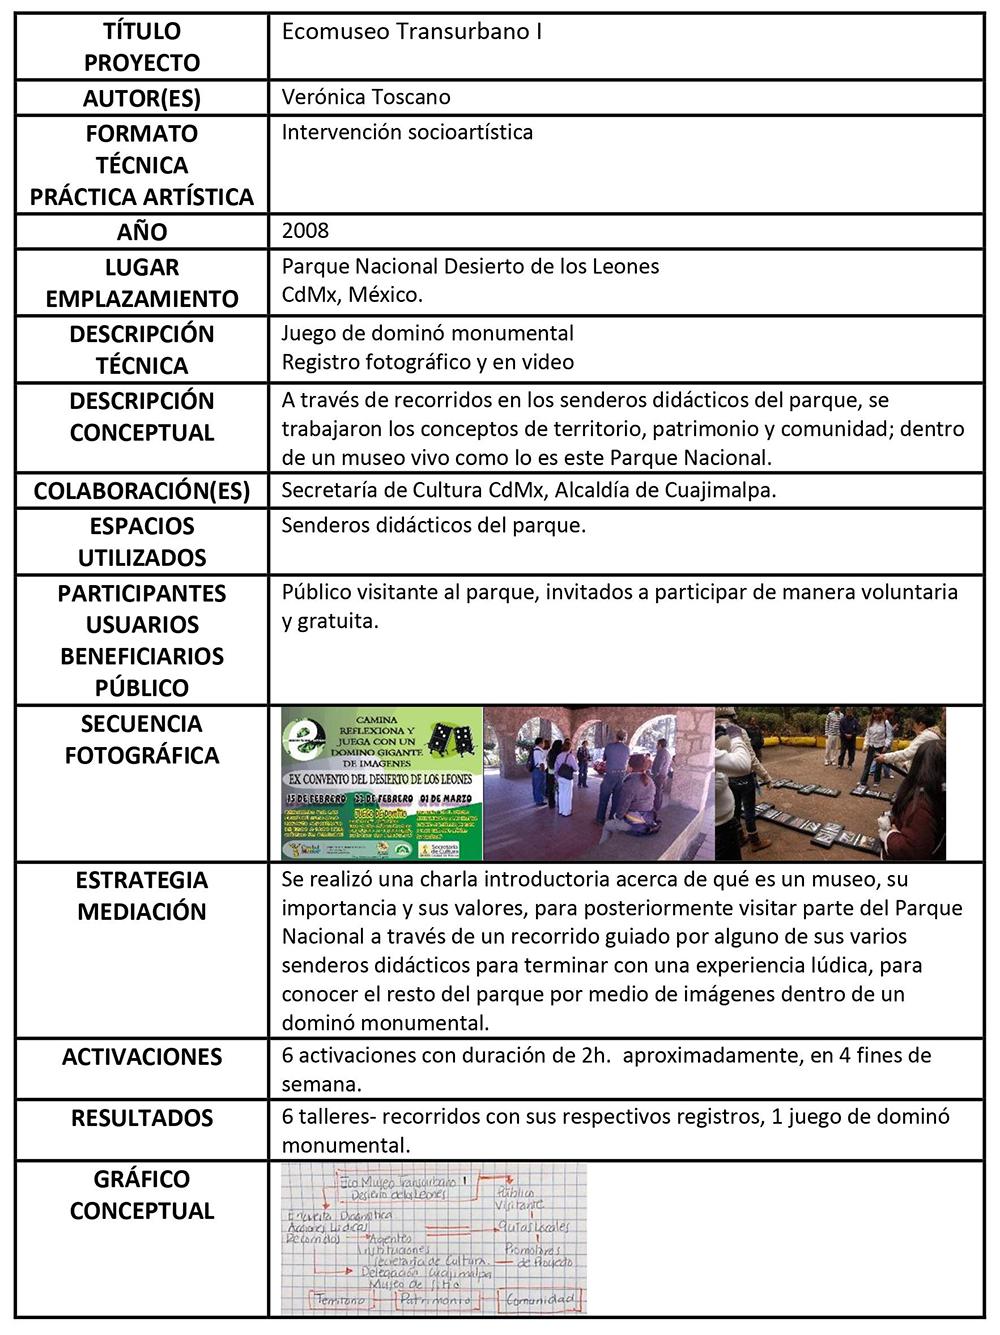 Fig. 4. Ficha técnica/ Cédula de identidad. Tabla de elaboración de la autora.